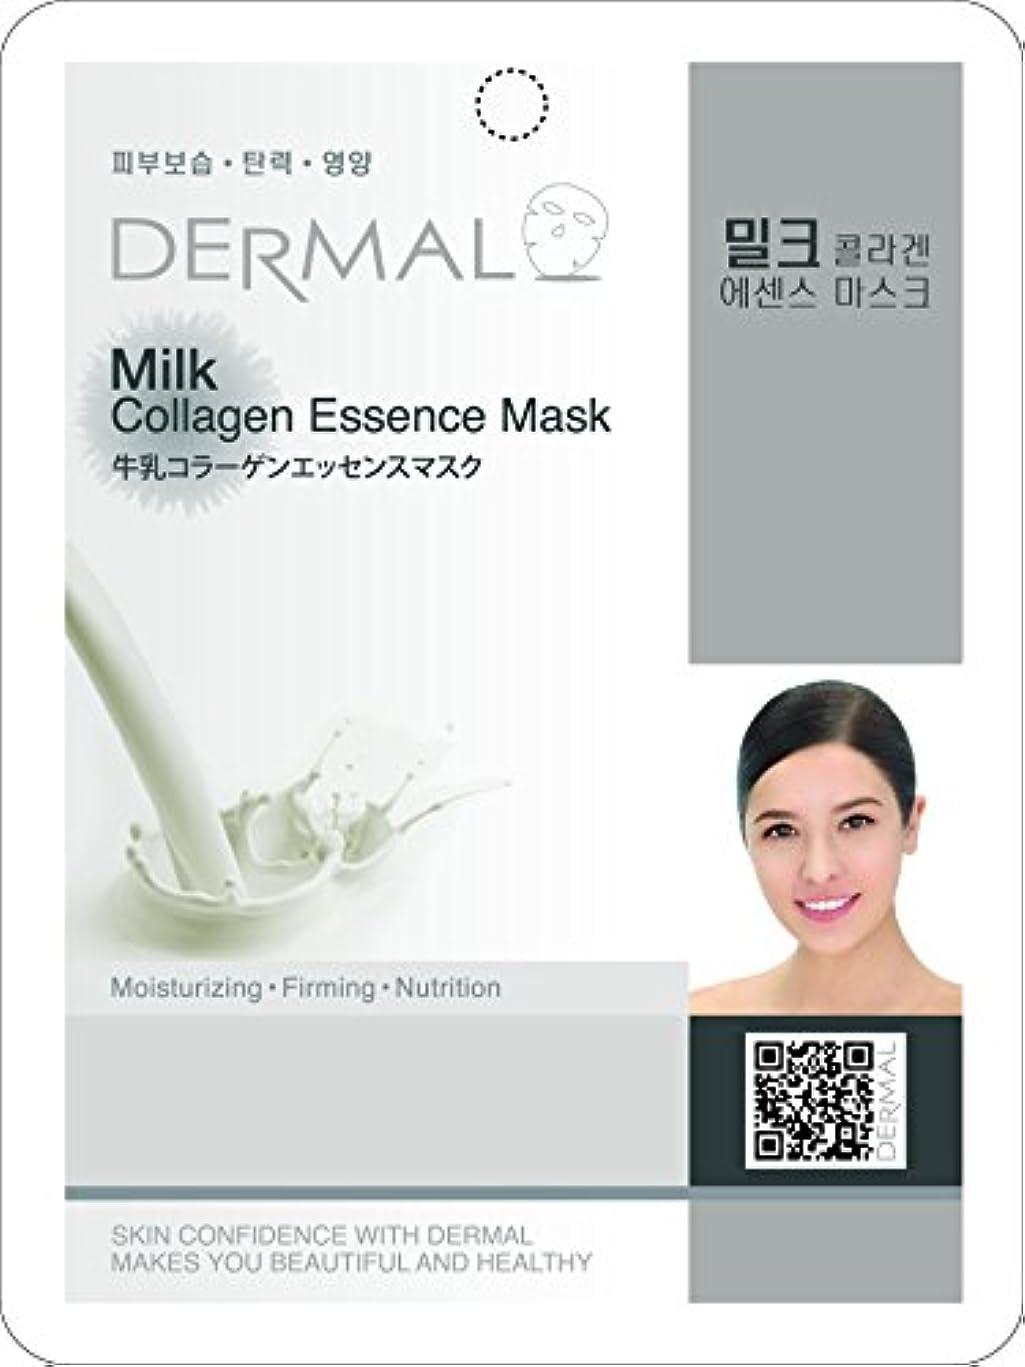 能力武器租界ミルクシートマスク(フェイスパック) 10枚セット ダーマル(Dermal)